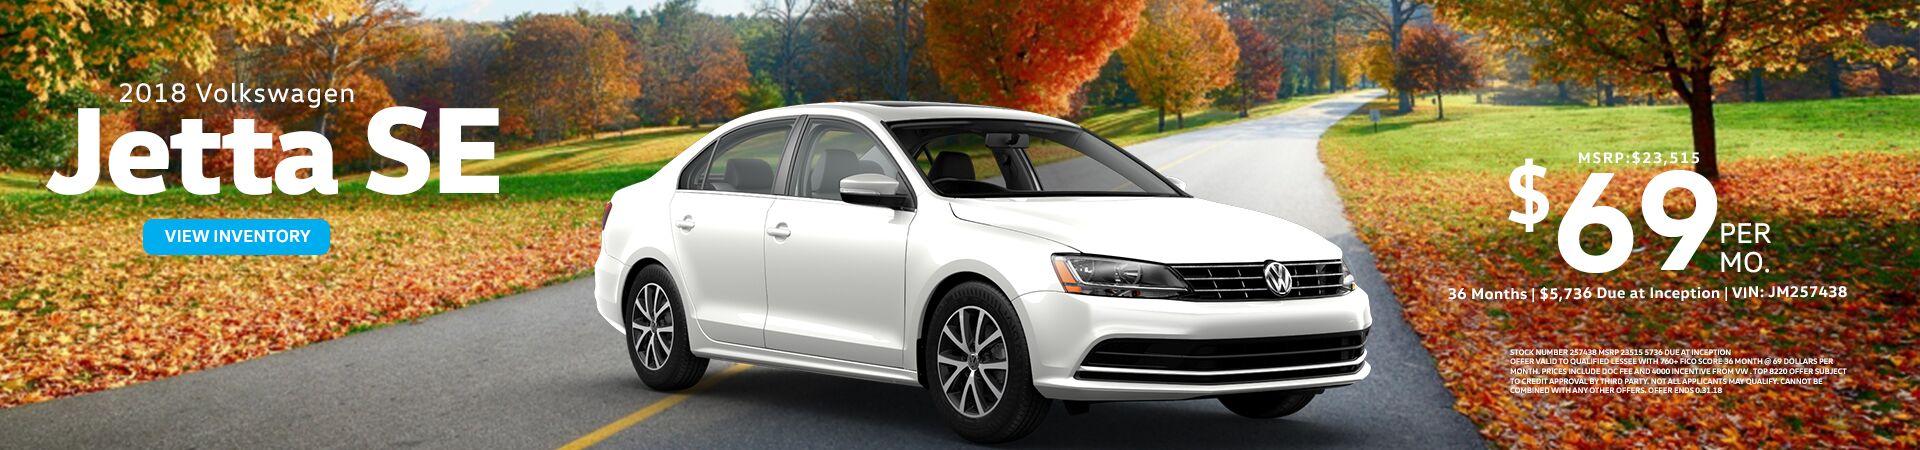 Volkswagen Dealership Serving Atlantic City | Serving the Volkswagen sales and service needs of ...